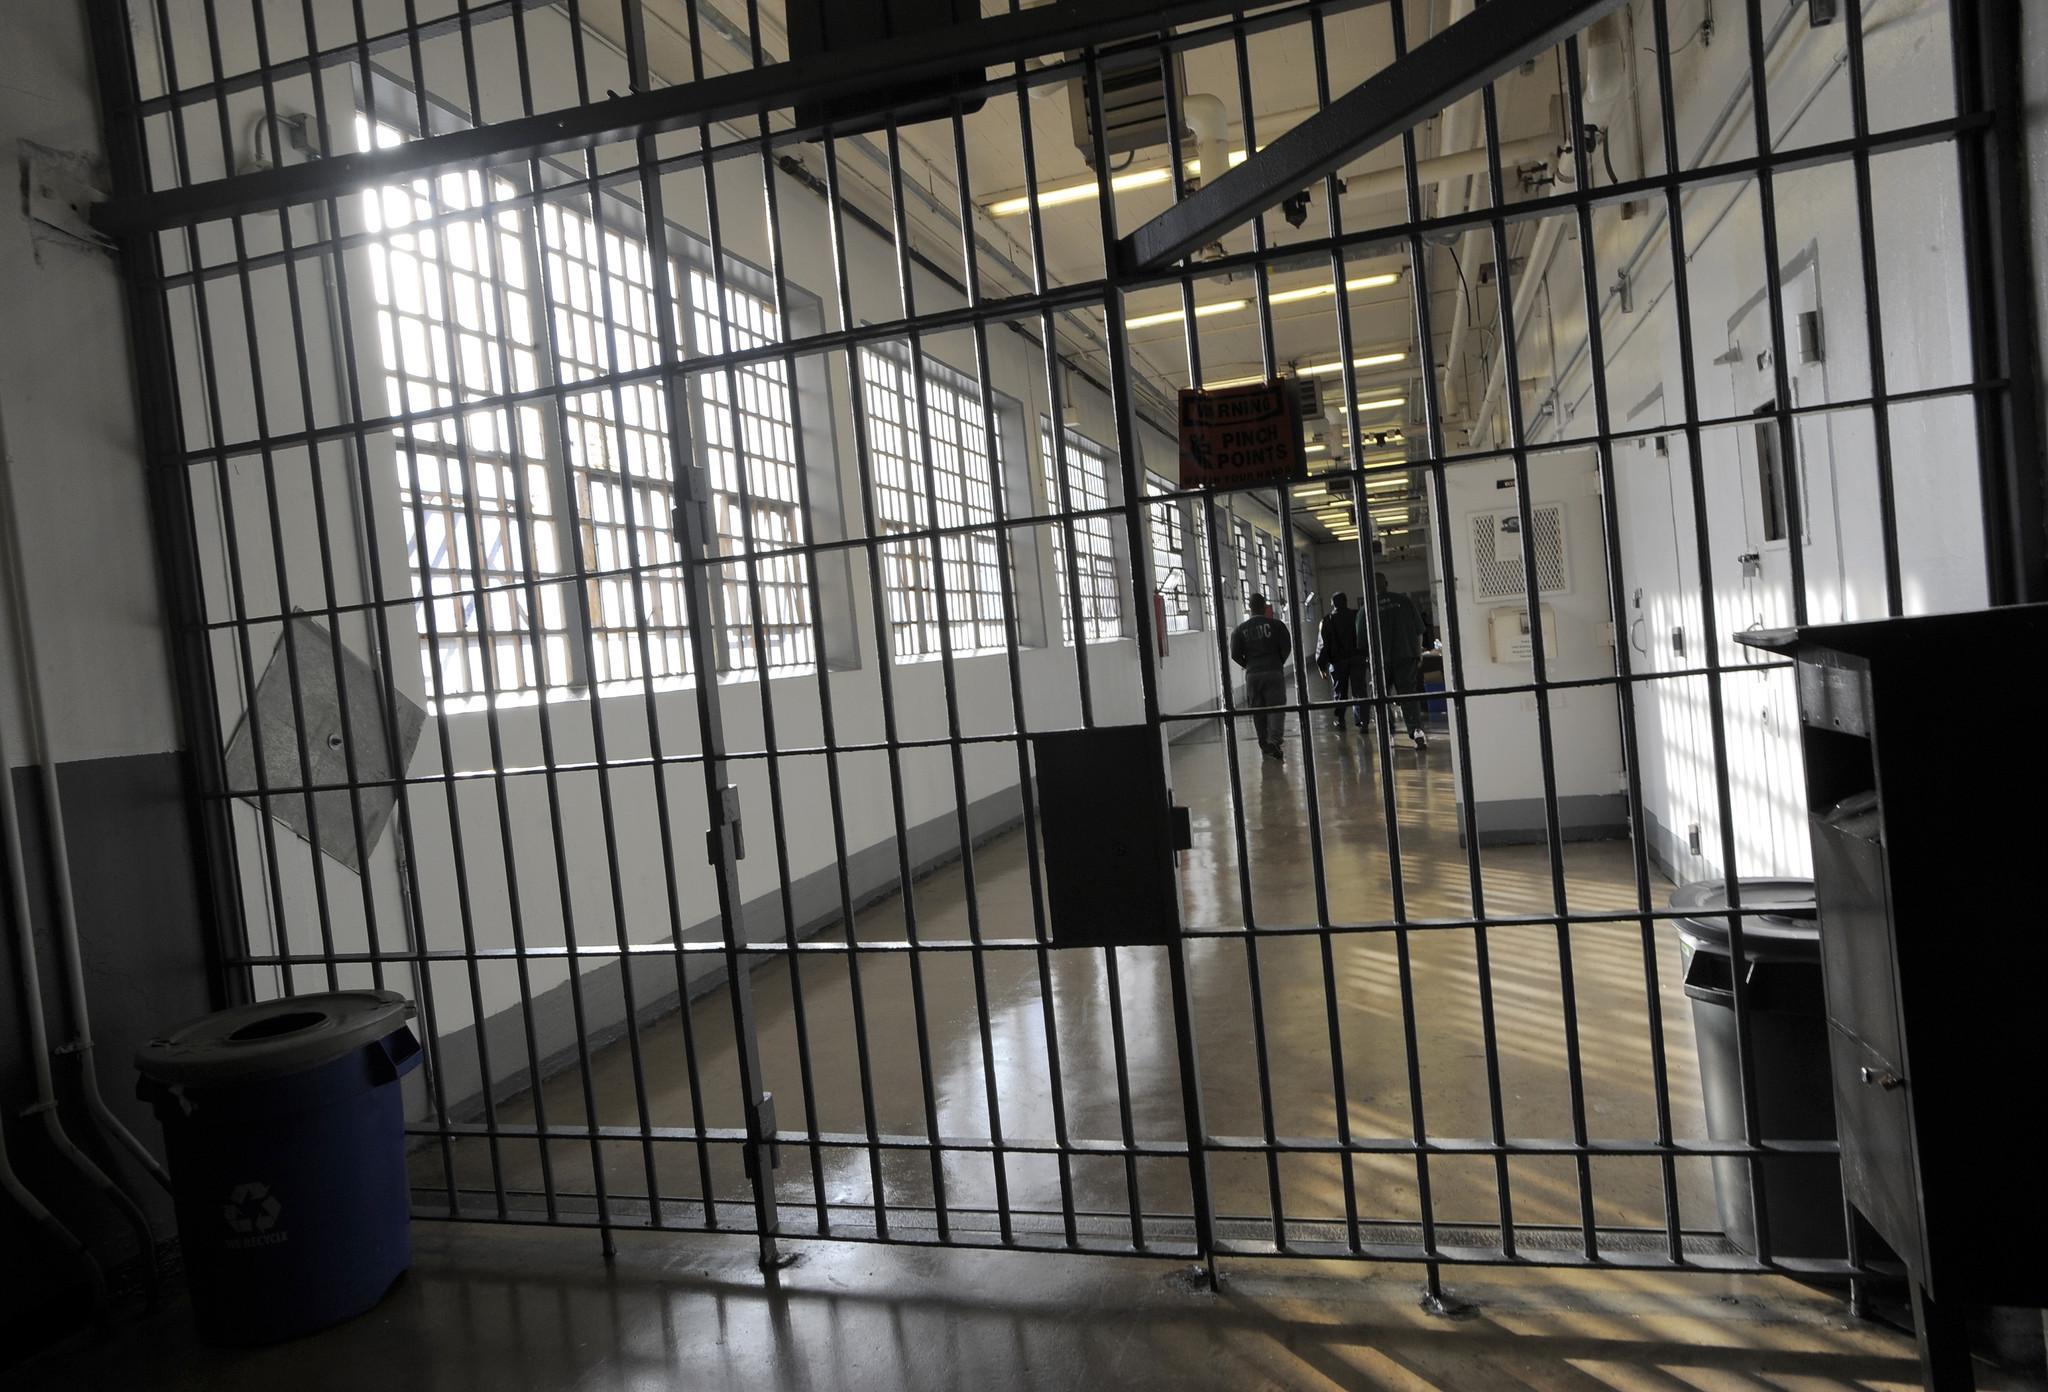 Правозахисники, громадські активісти та медійники звернулися до спецпредставника Держдепу США щодо політв'язнів Кремля